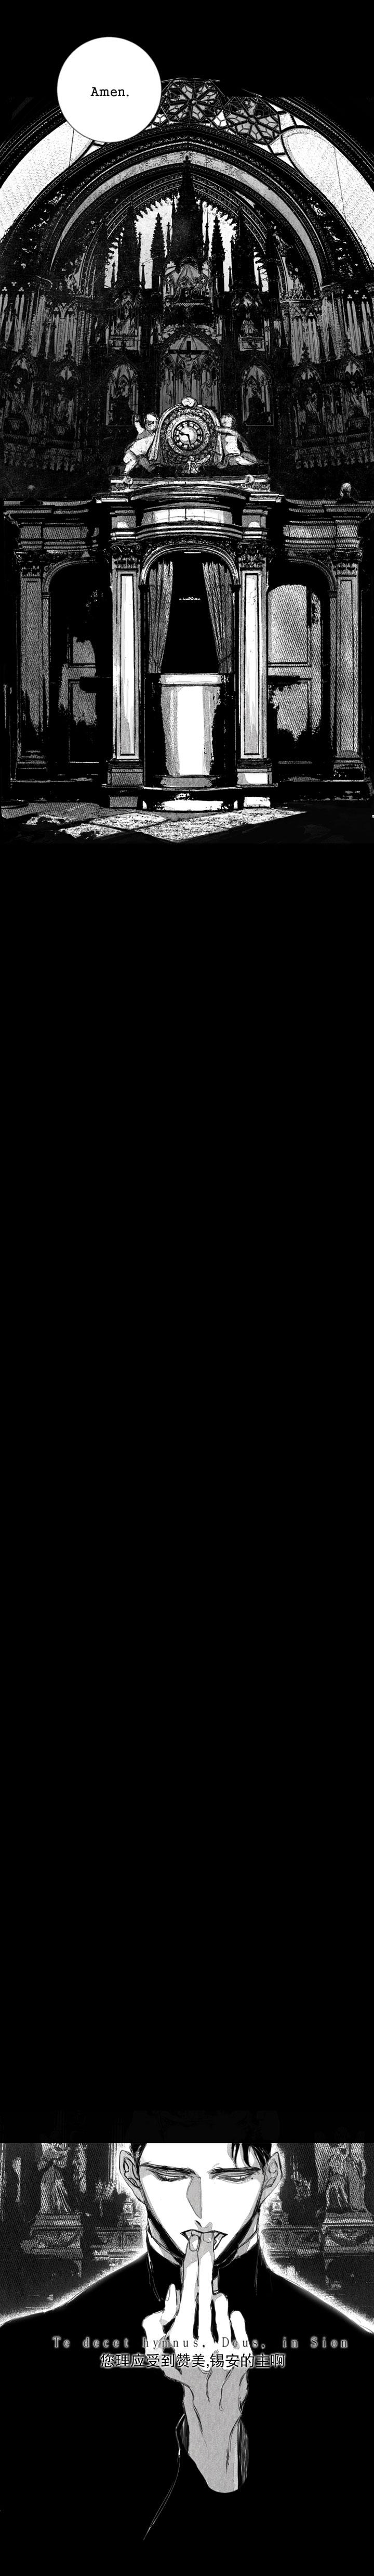 圣十字的审判-漫画完整版汉化_全集在线阅读首发-啵乐漫画